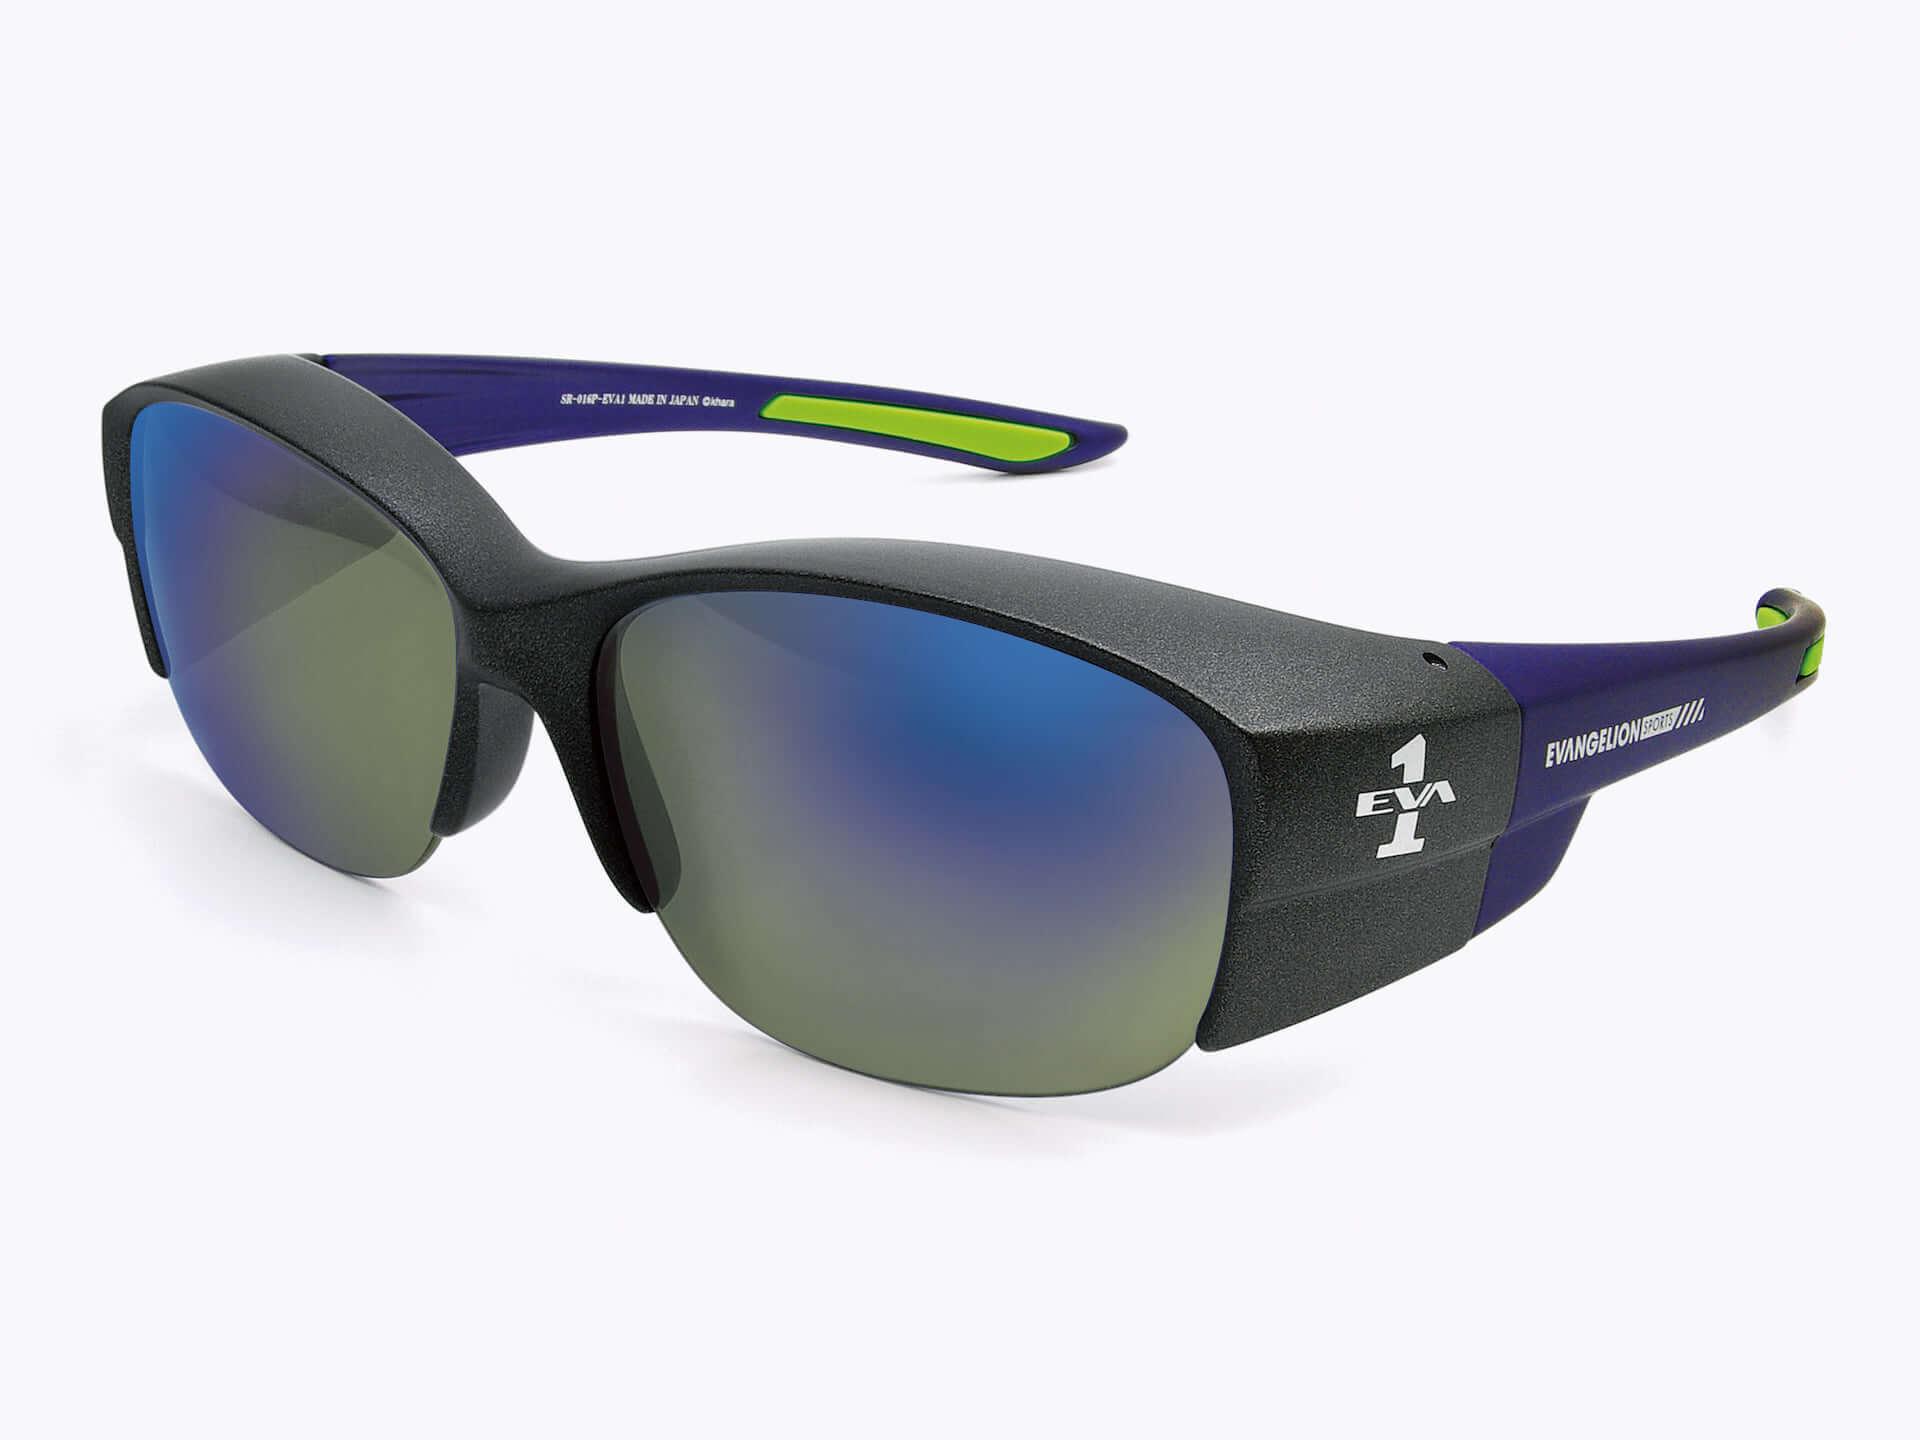 「メガネの愛眼」× 新世紀エヴァンゲリオンの別注サングラスが発売中!EVA初号機をイメージした2型 lf200602_eva_sunglasses_02-1920x1440